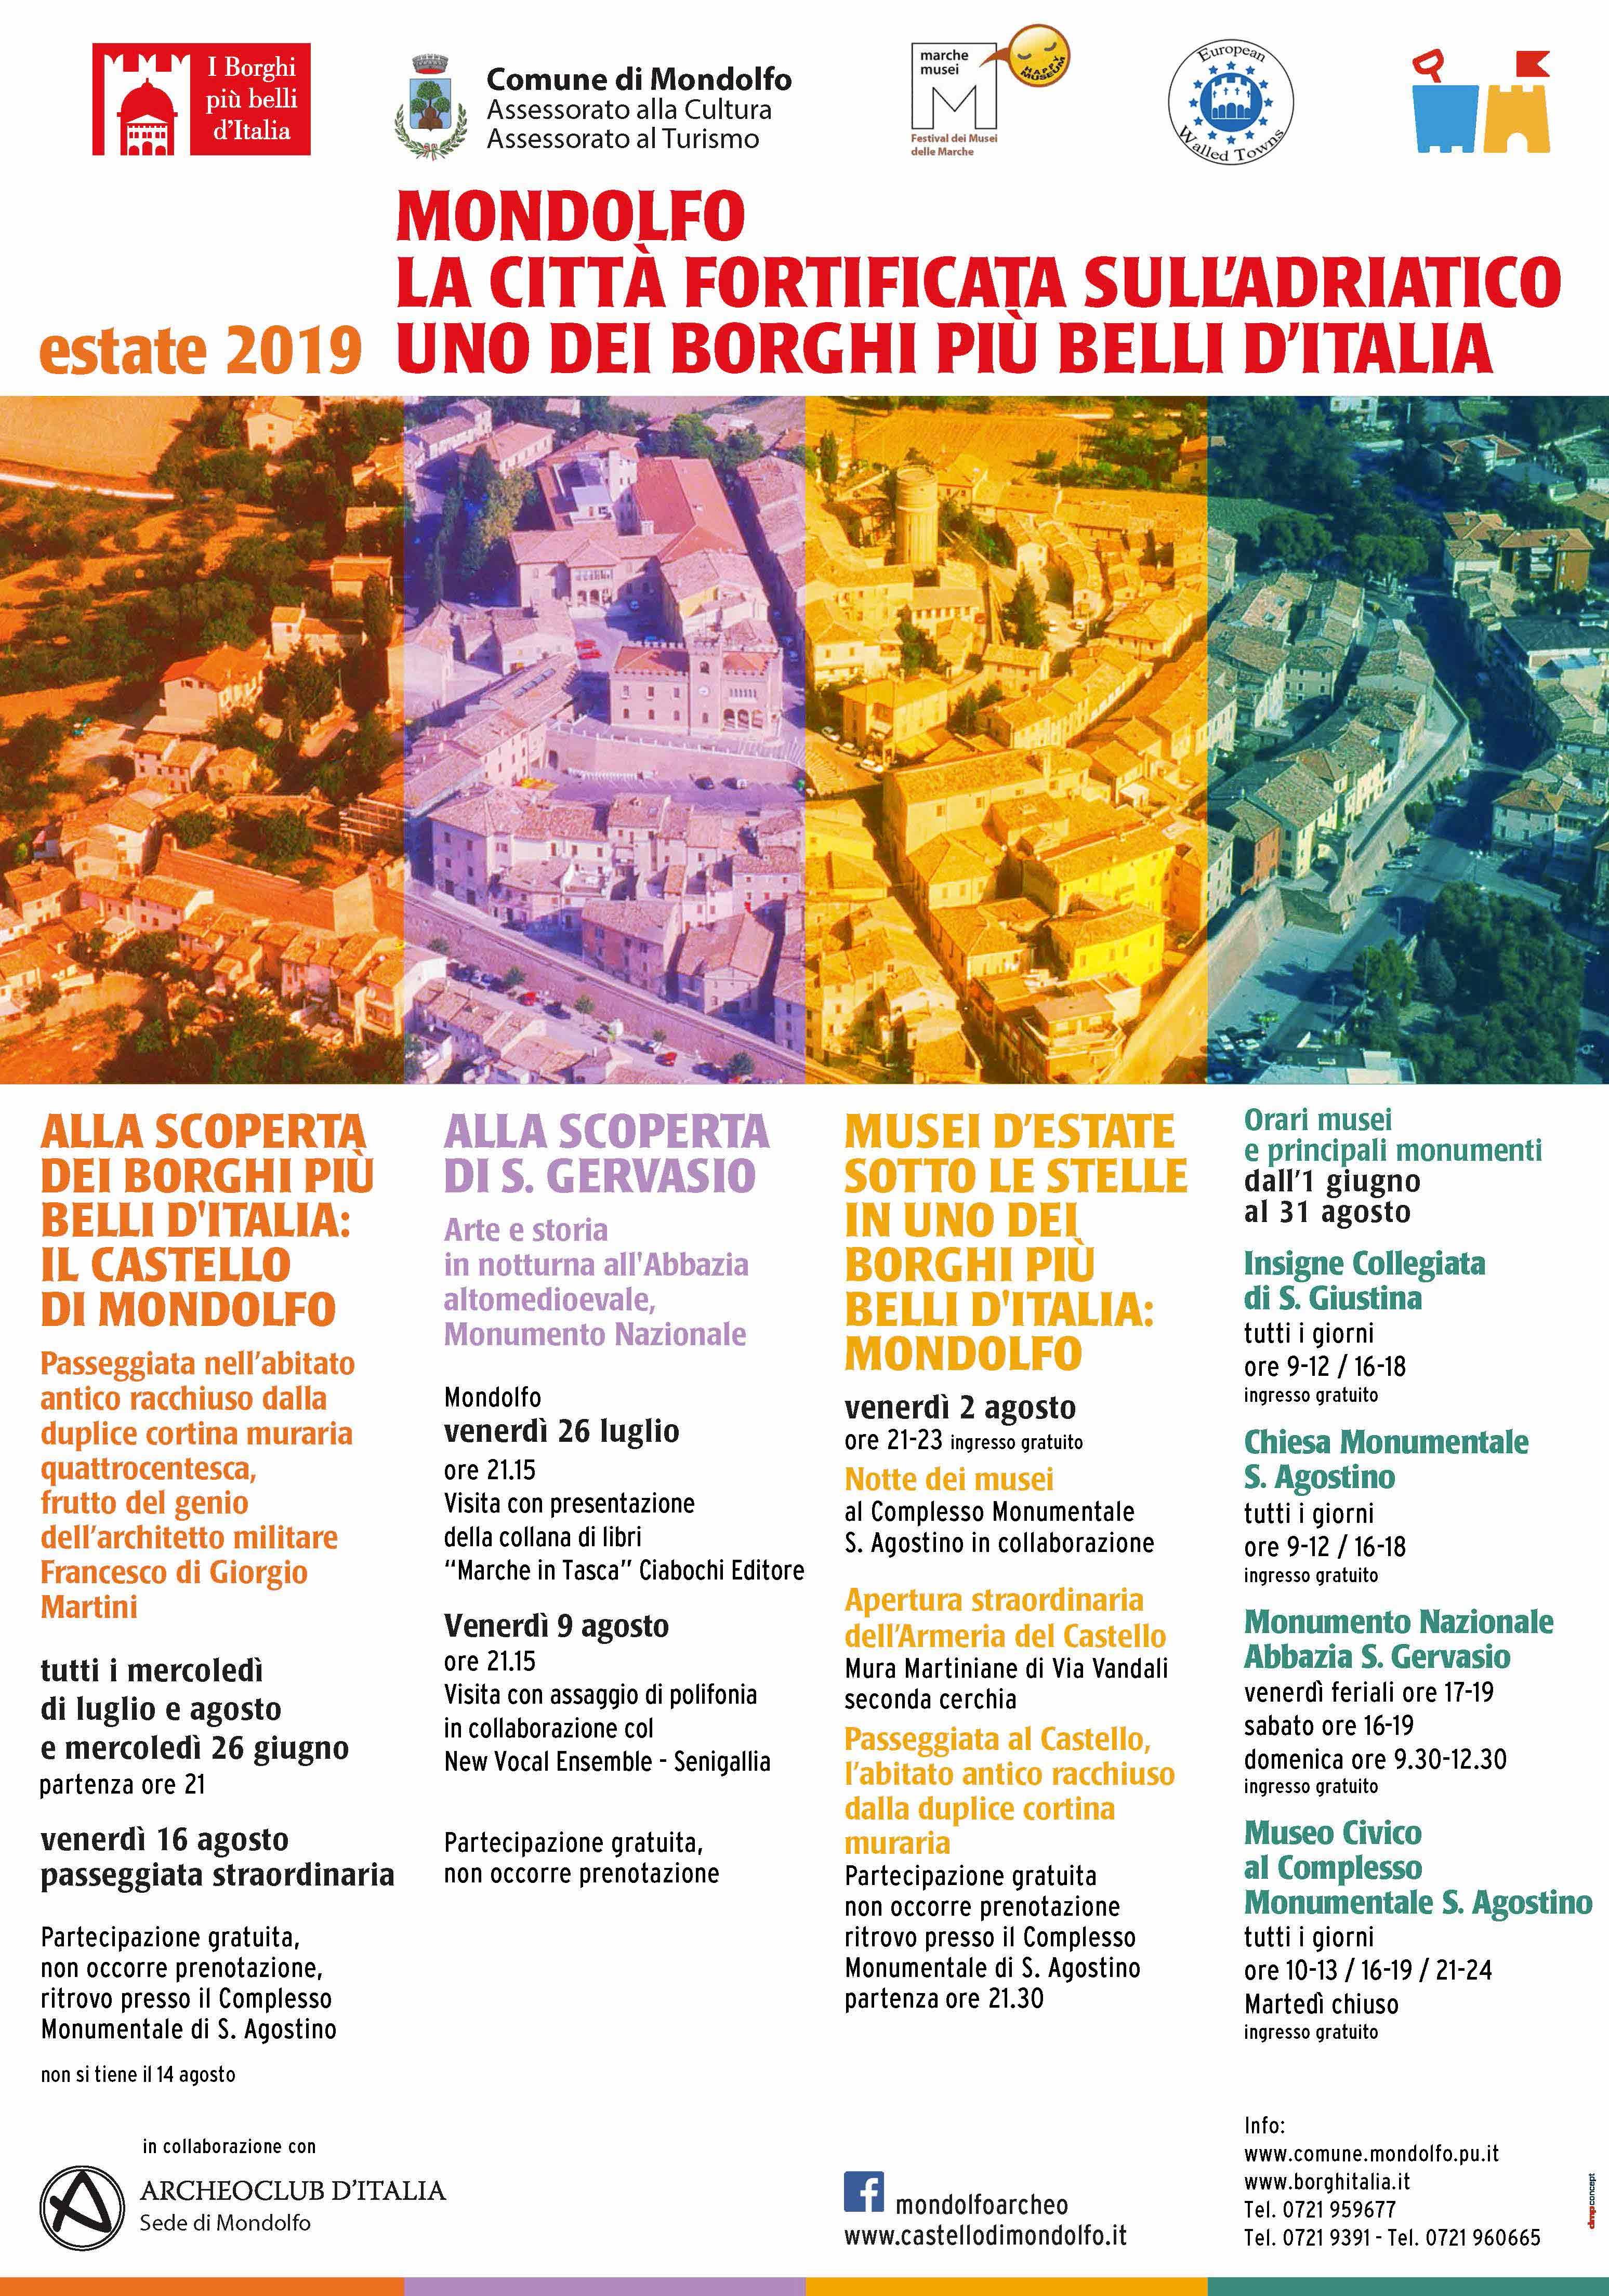 ALLA SCOPERTA IN UNO DEI BORGHI PIÙ BELLI D'ITALIA: MONDOLFO